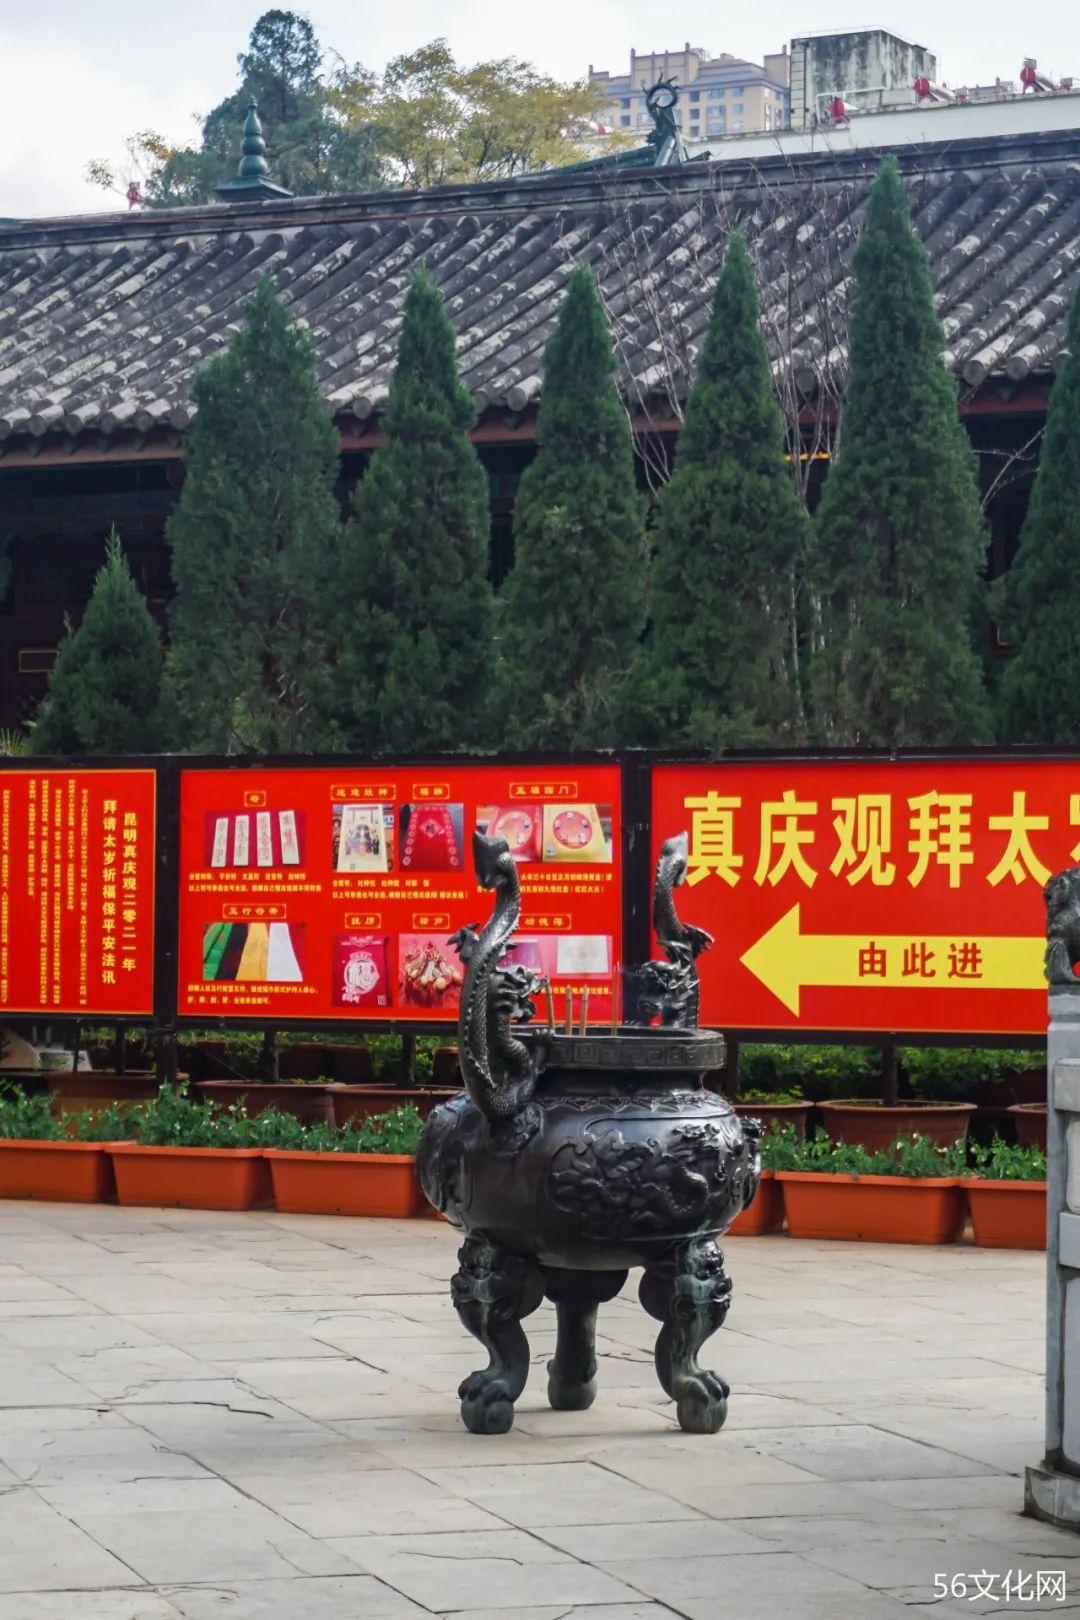 真庆观:市中心的千年古观,不只是一个宗教圣地!